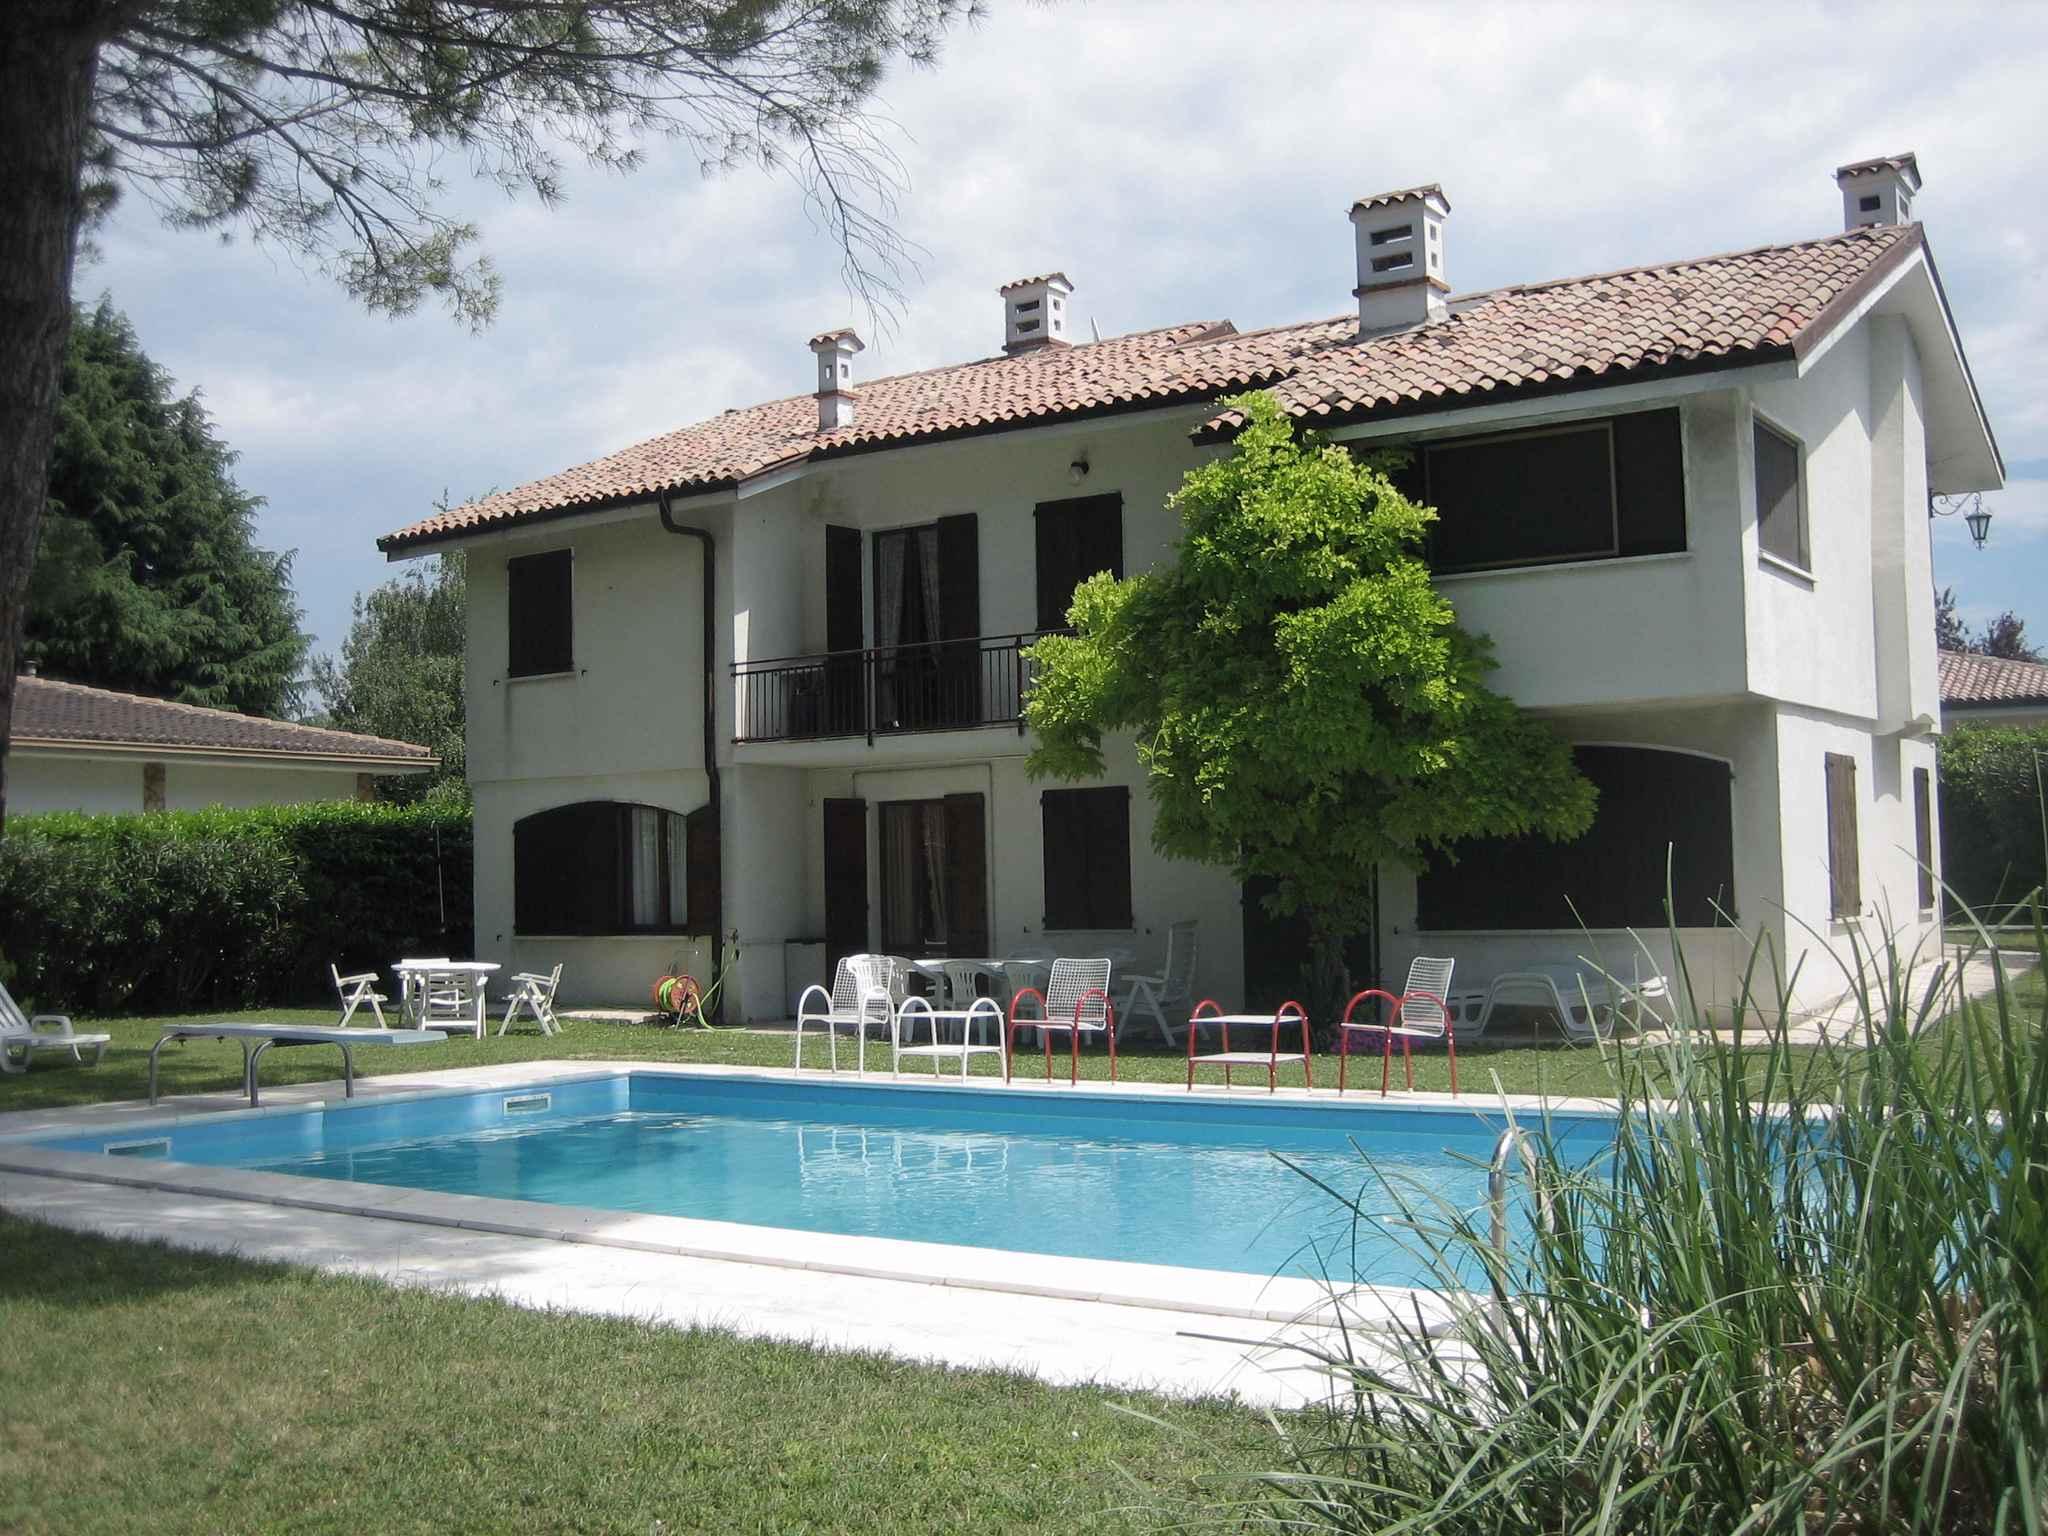 Ferienhaus con terrazza e piscina (491823), Lazise, Gardasee, Venetien, Italien, Bild 3